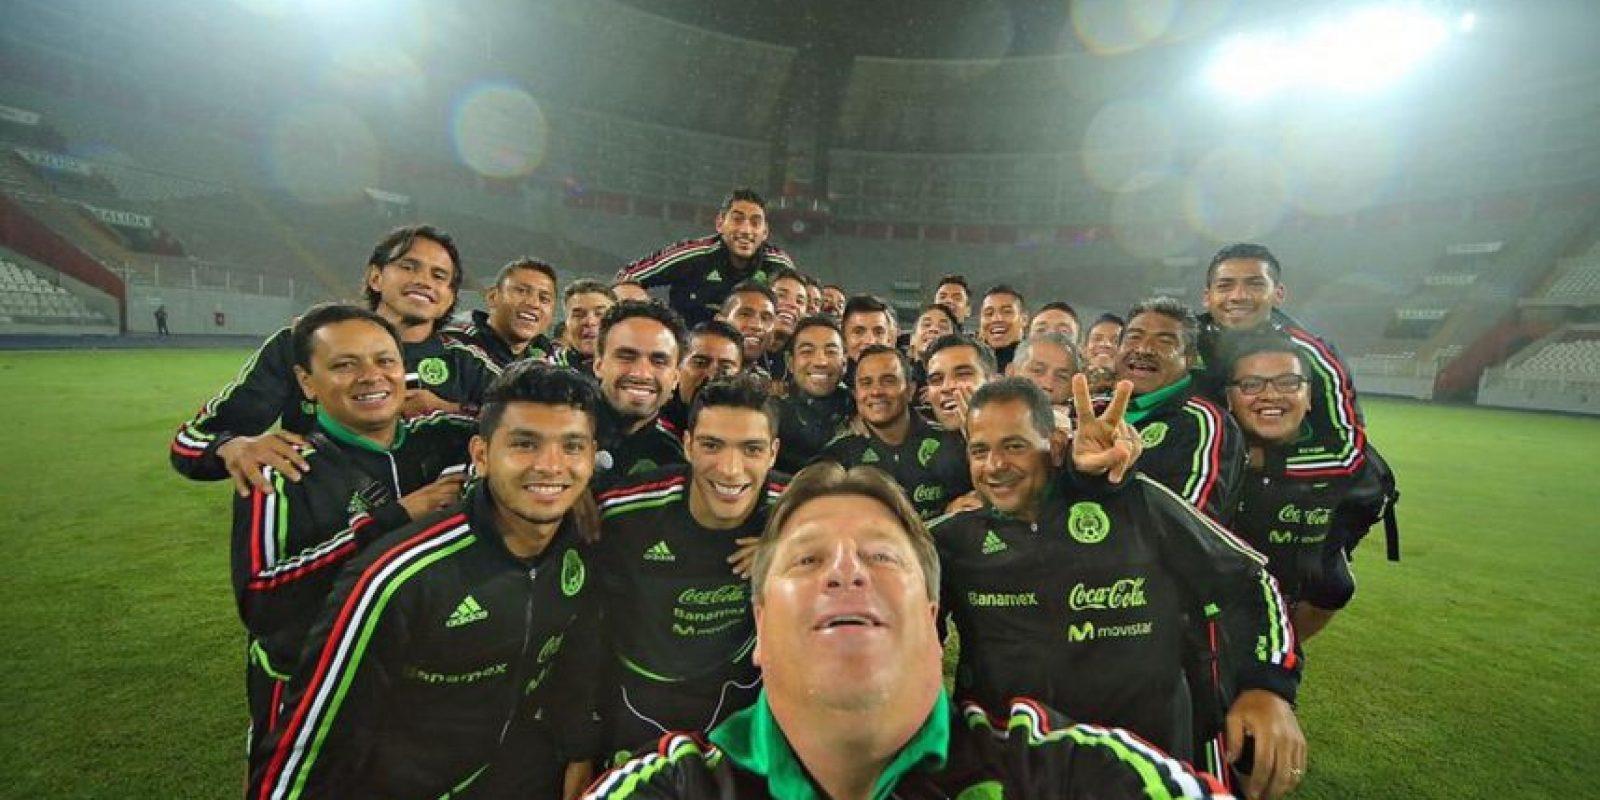 Miguel Herrera (al frente) es todavía entrenador de la Selección Mexicana de Fútbol. Foto:twitter.com/MiguelHerreraDT